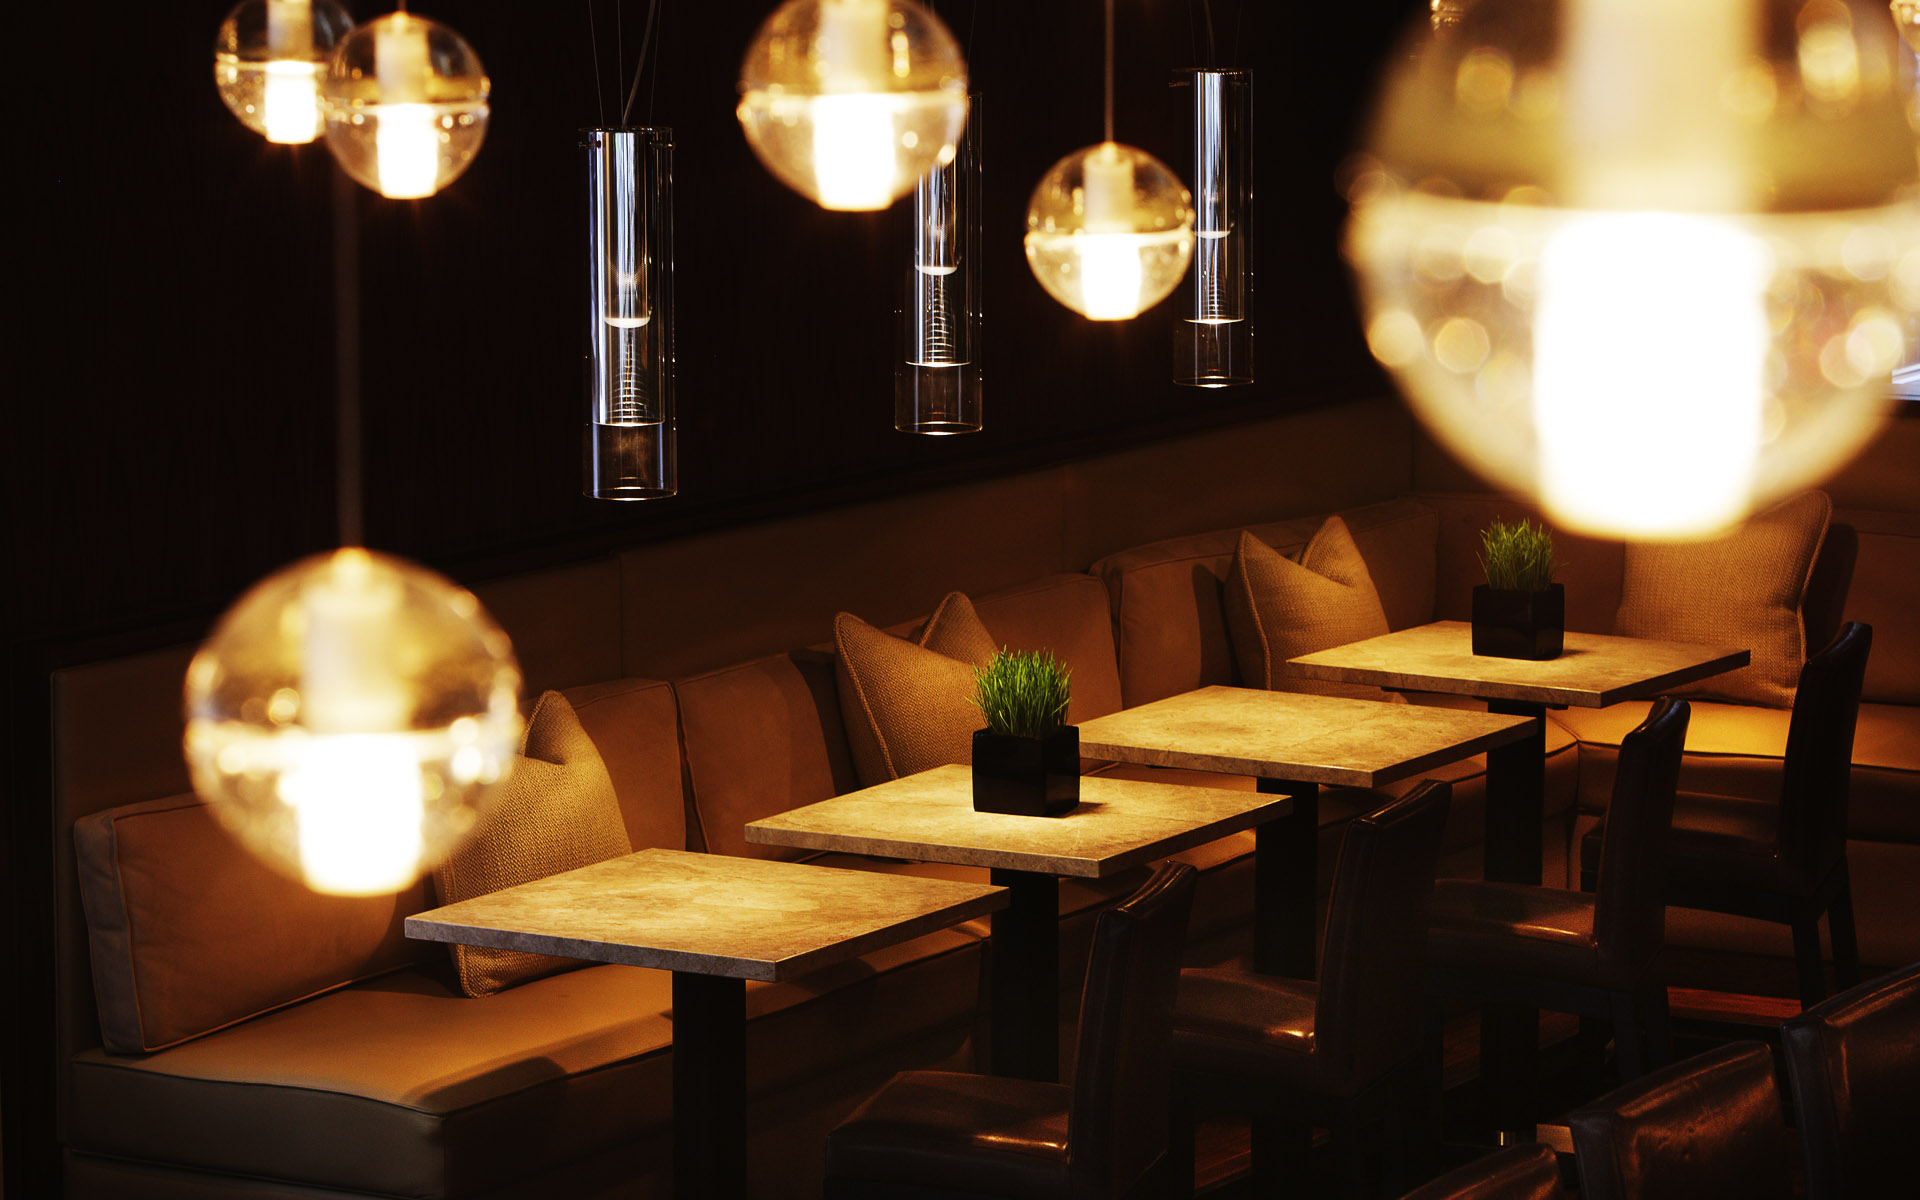 西餐厅酒吧装修效果高清图片素材1 20p